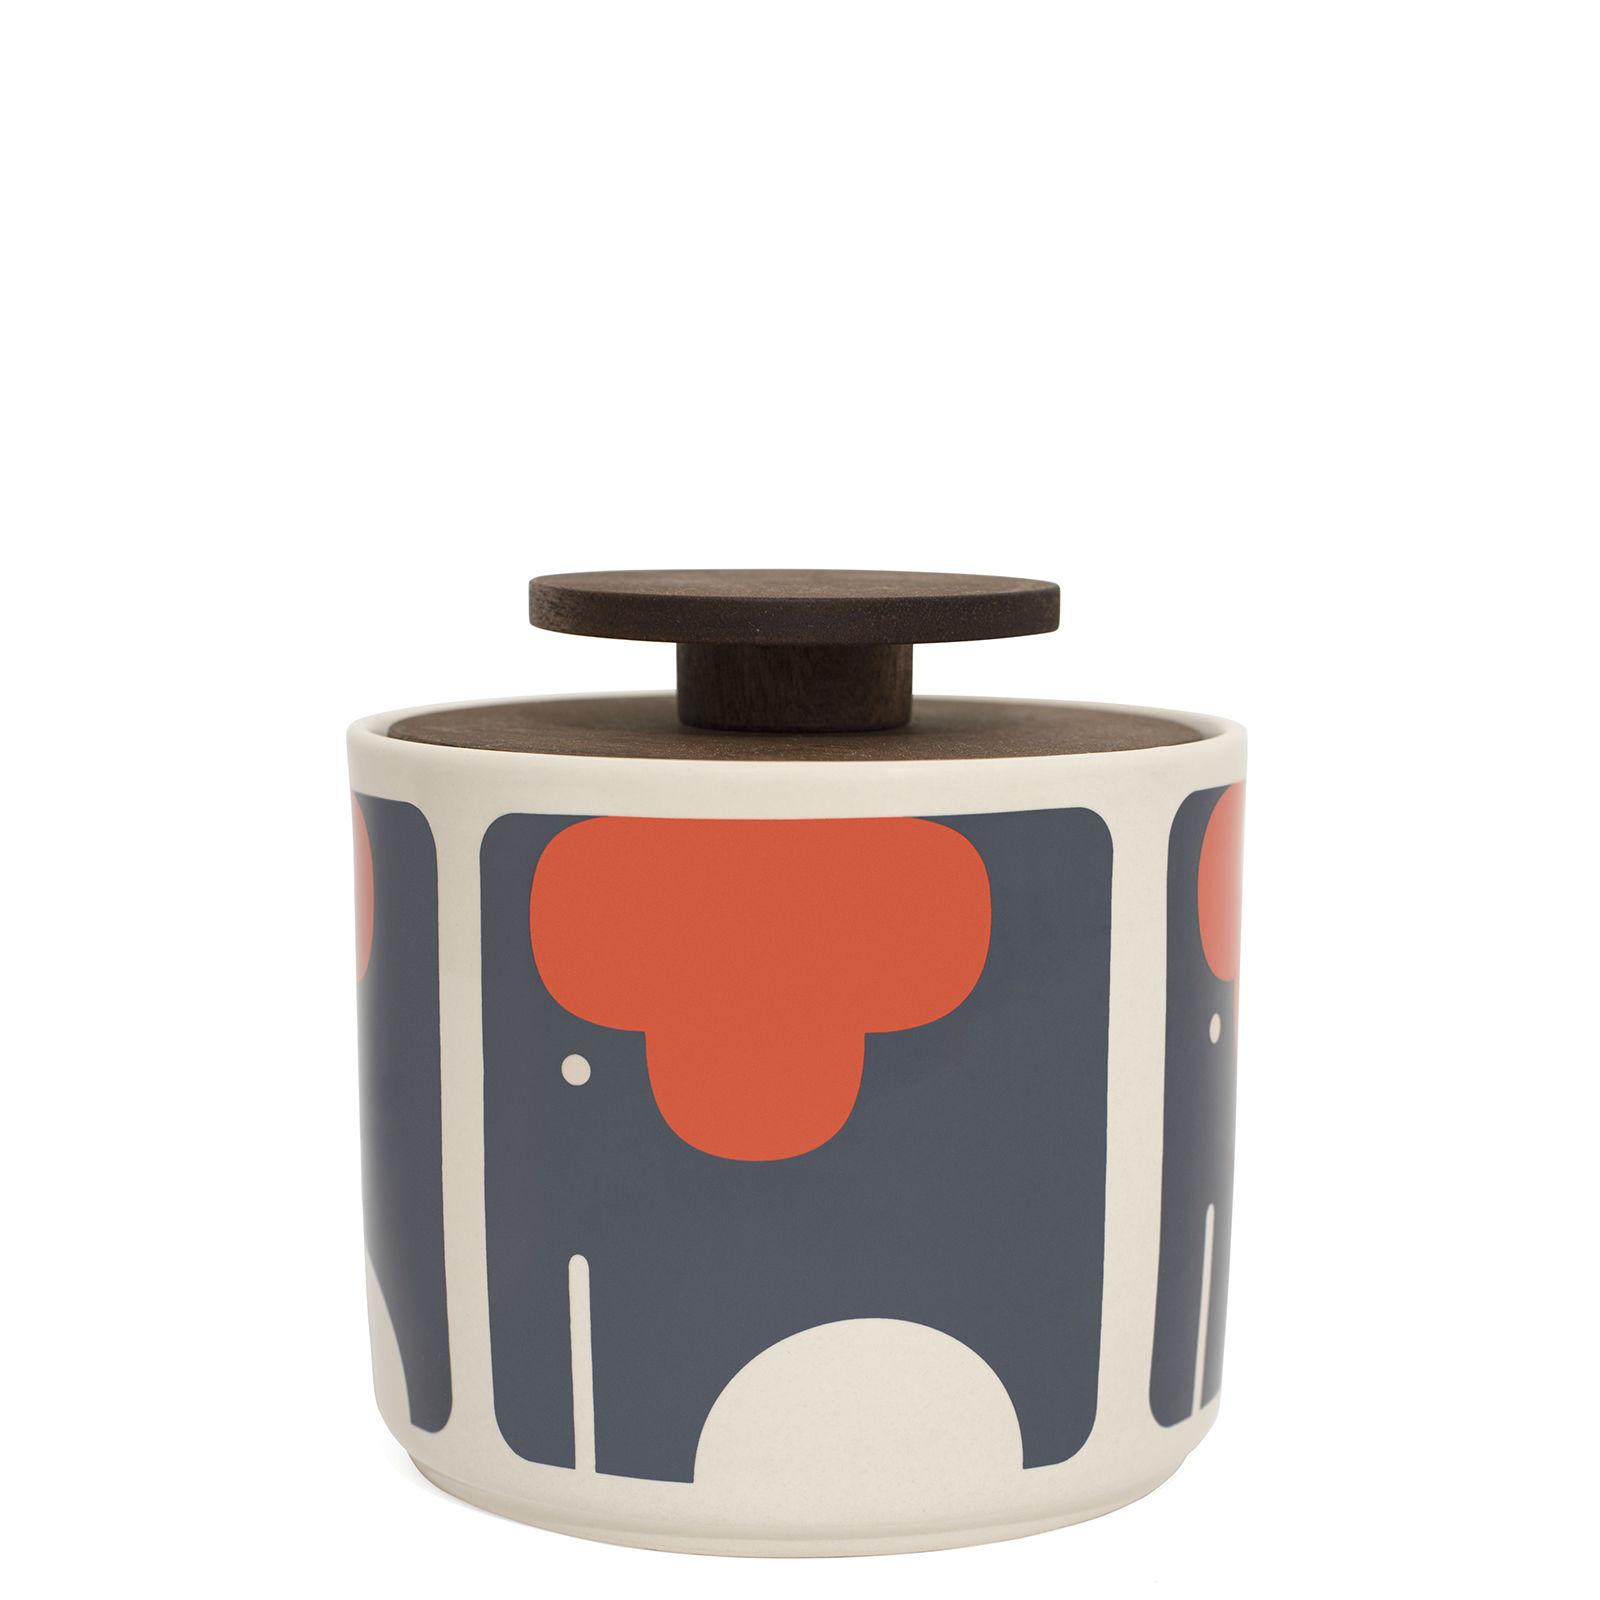 Boites-bocaus-design-Orla-Kiely-04